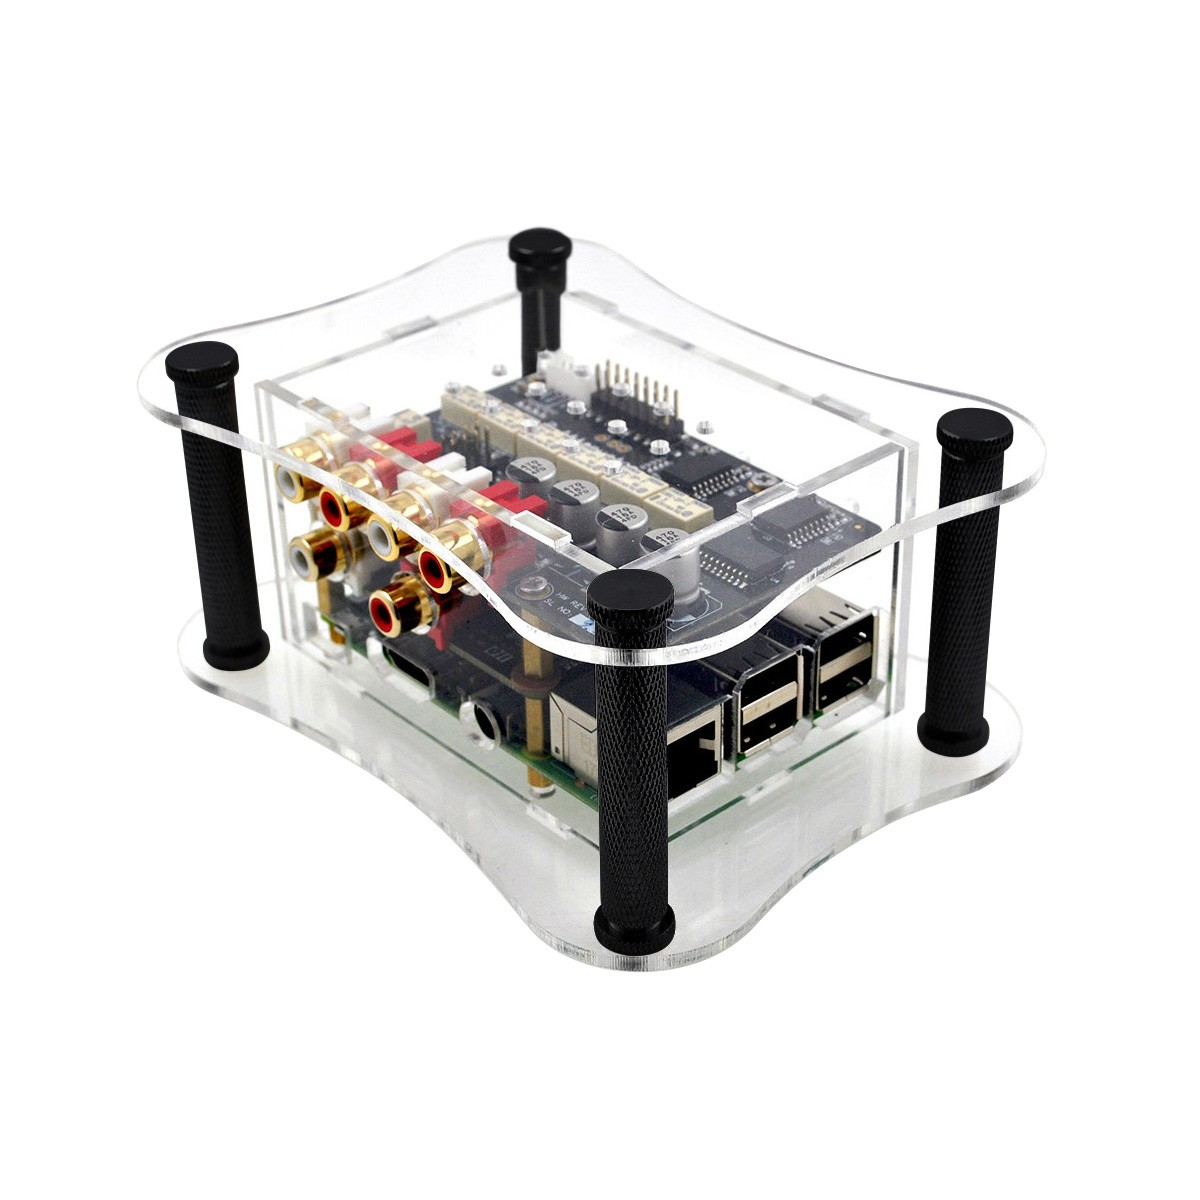 ALLO Boîtier Acrylique pour Allo DAC Boss + Allo Relay Attenuator + Raspberry Pi 3 Transparent